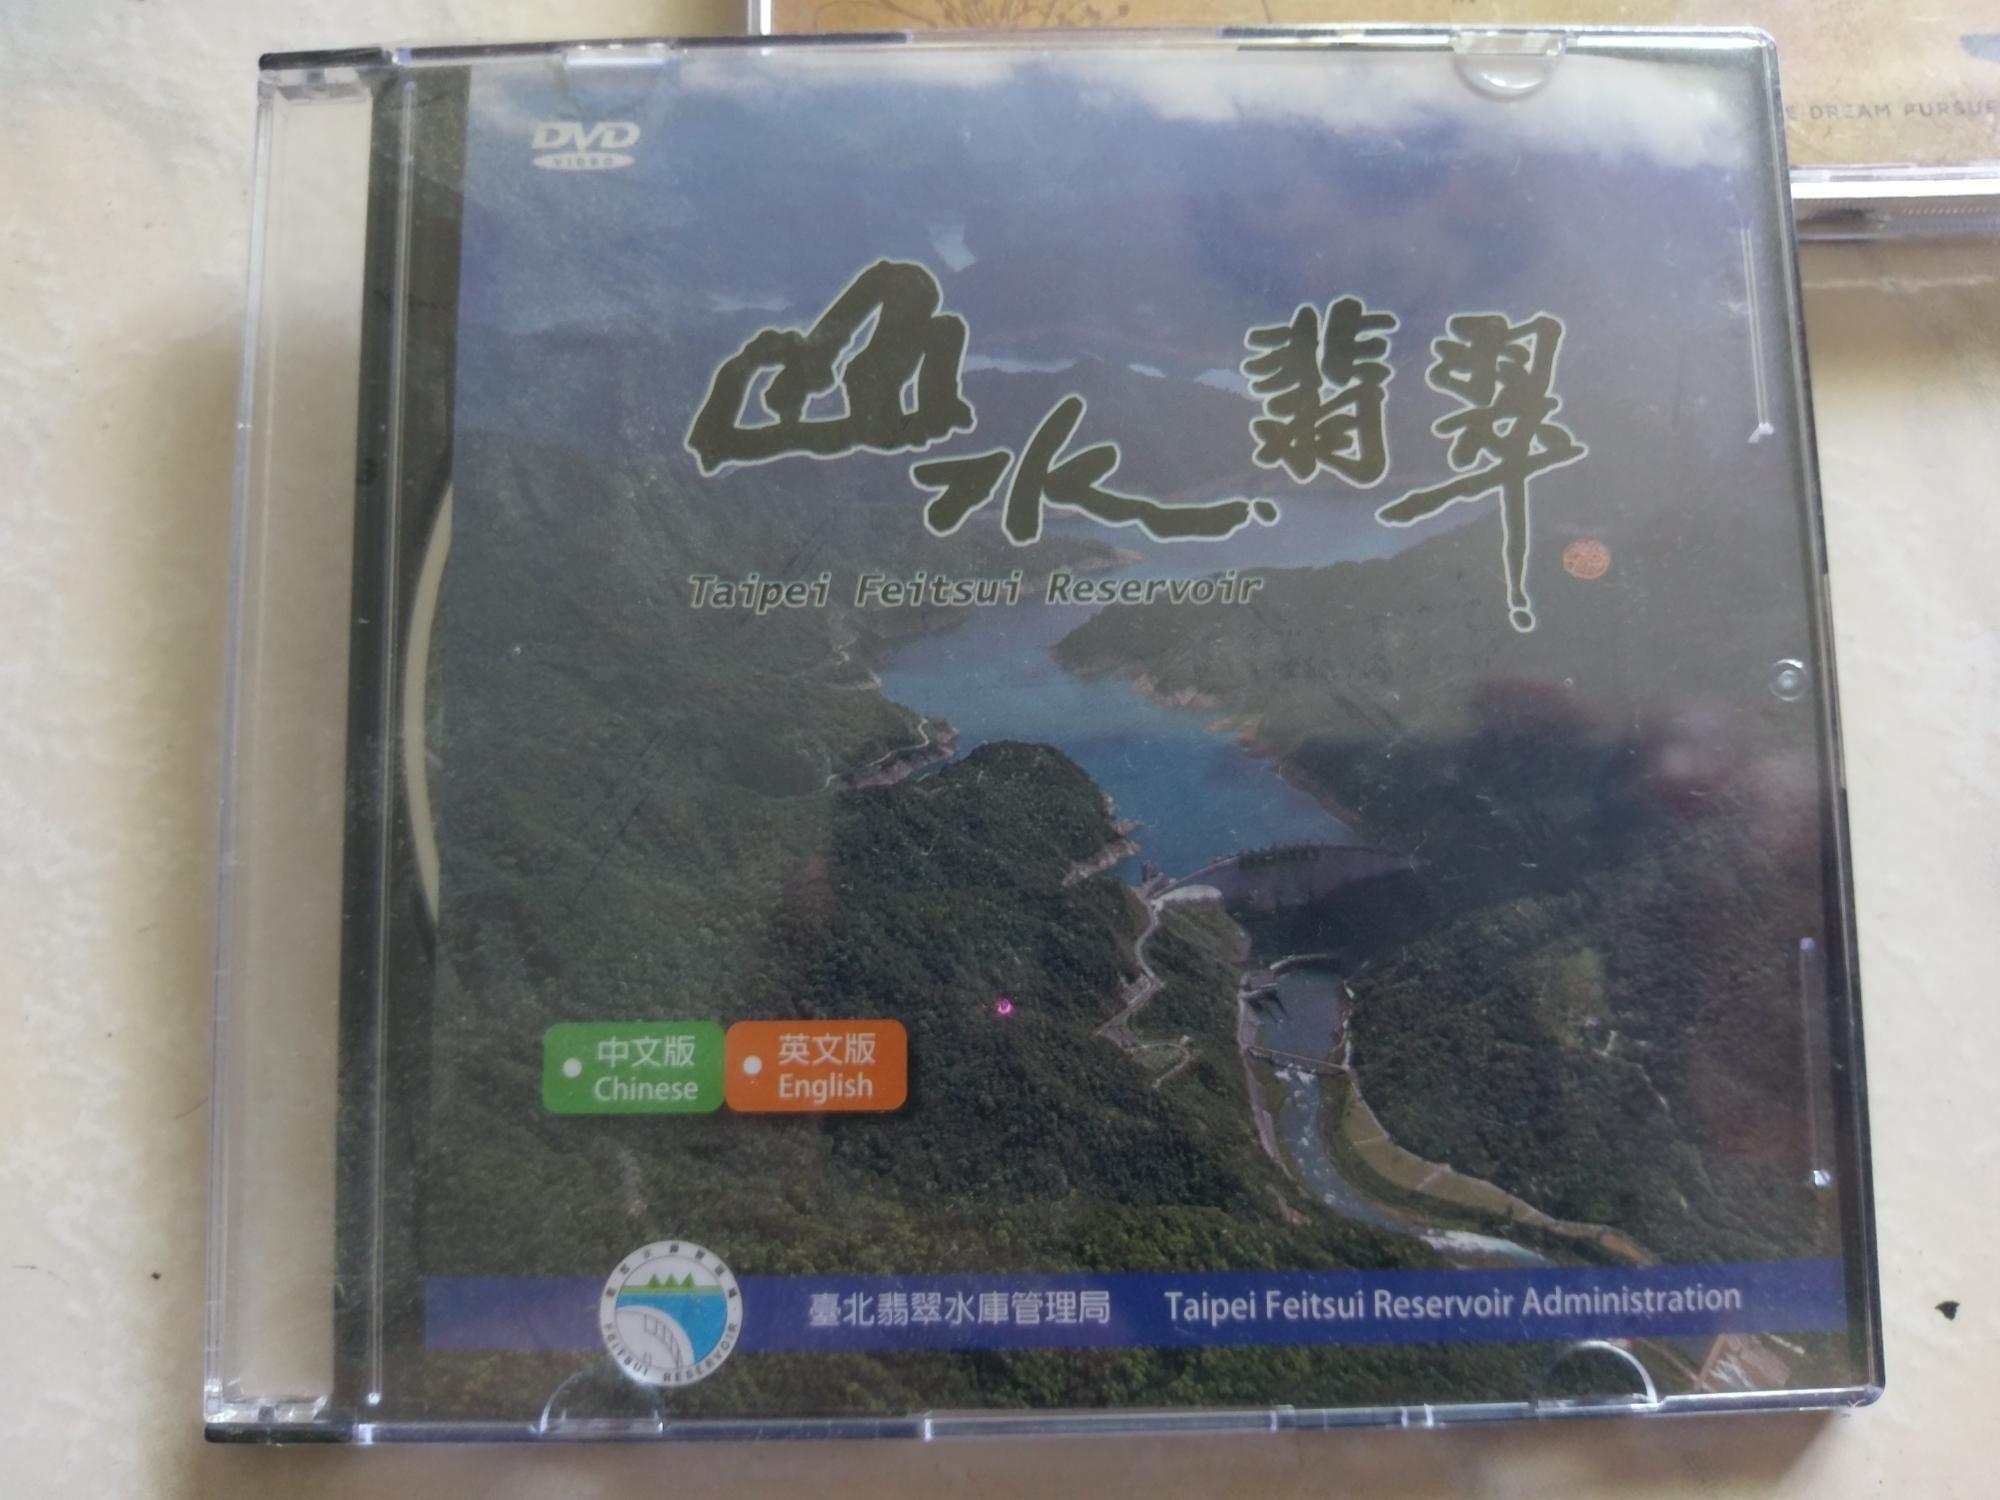 全新未拆封-山水翡翠DVD( 臺北翡翠水庫管理局)中英文版